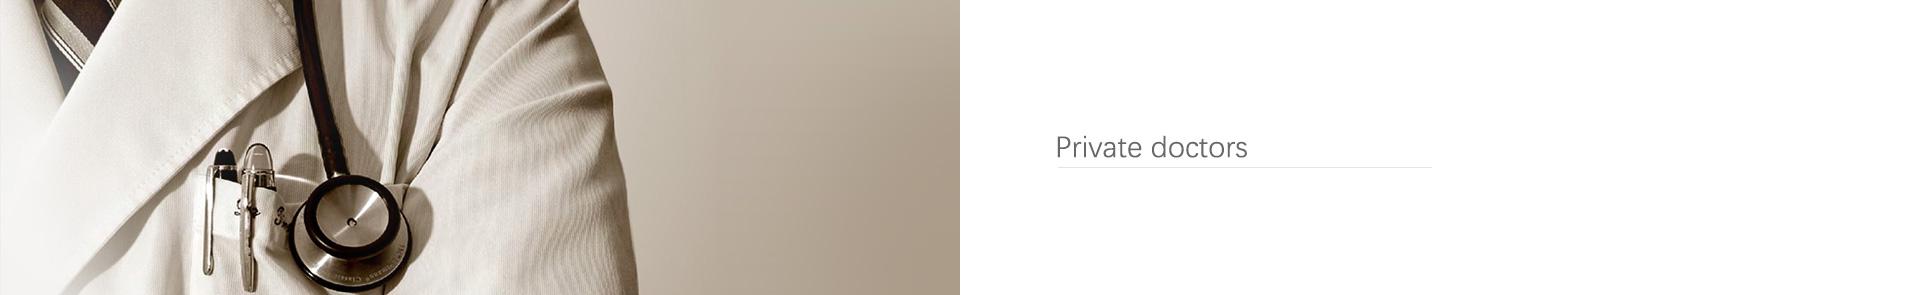 Private consultant